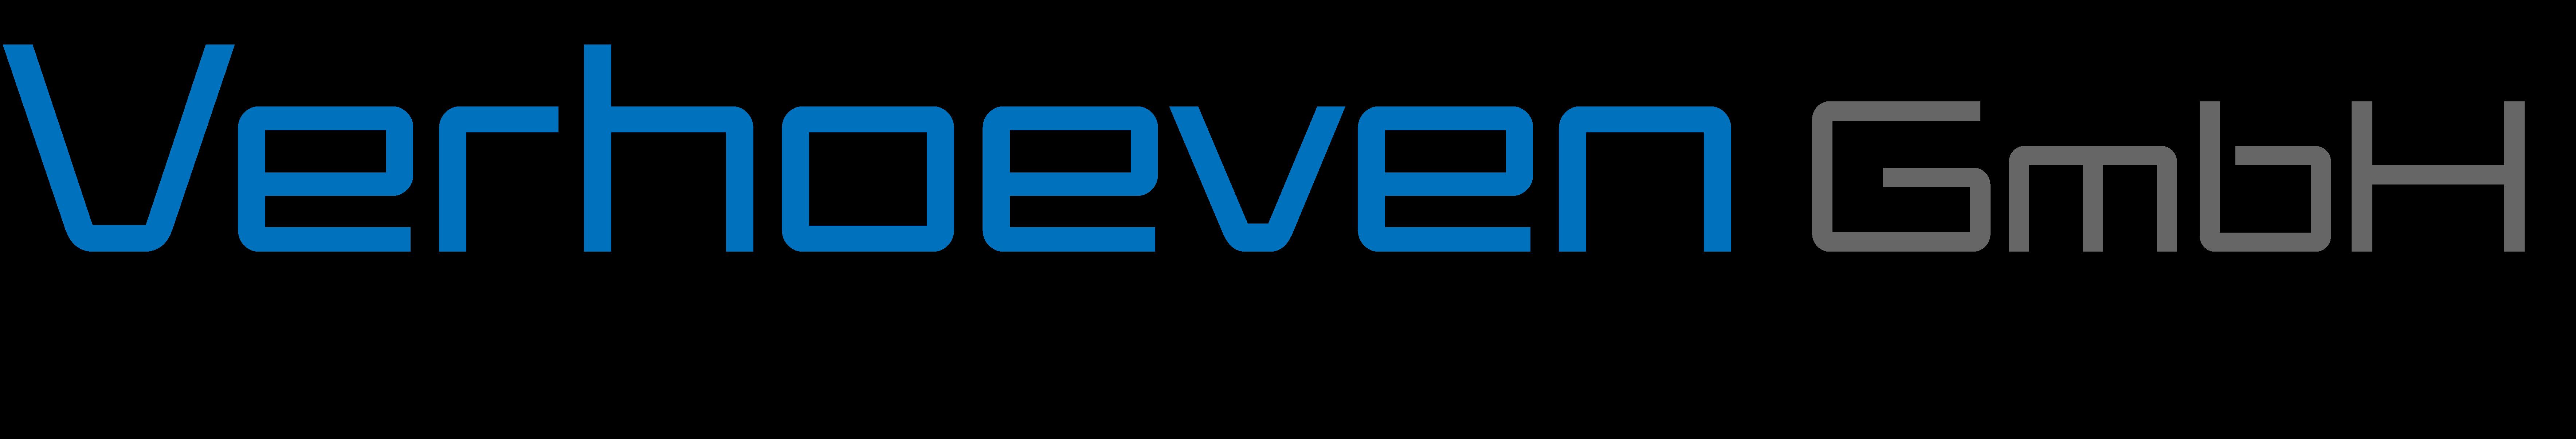 Verhoeven GmbH